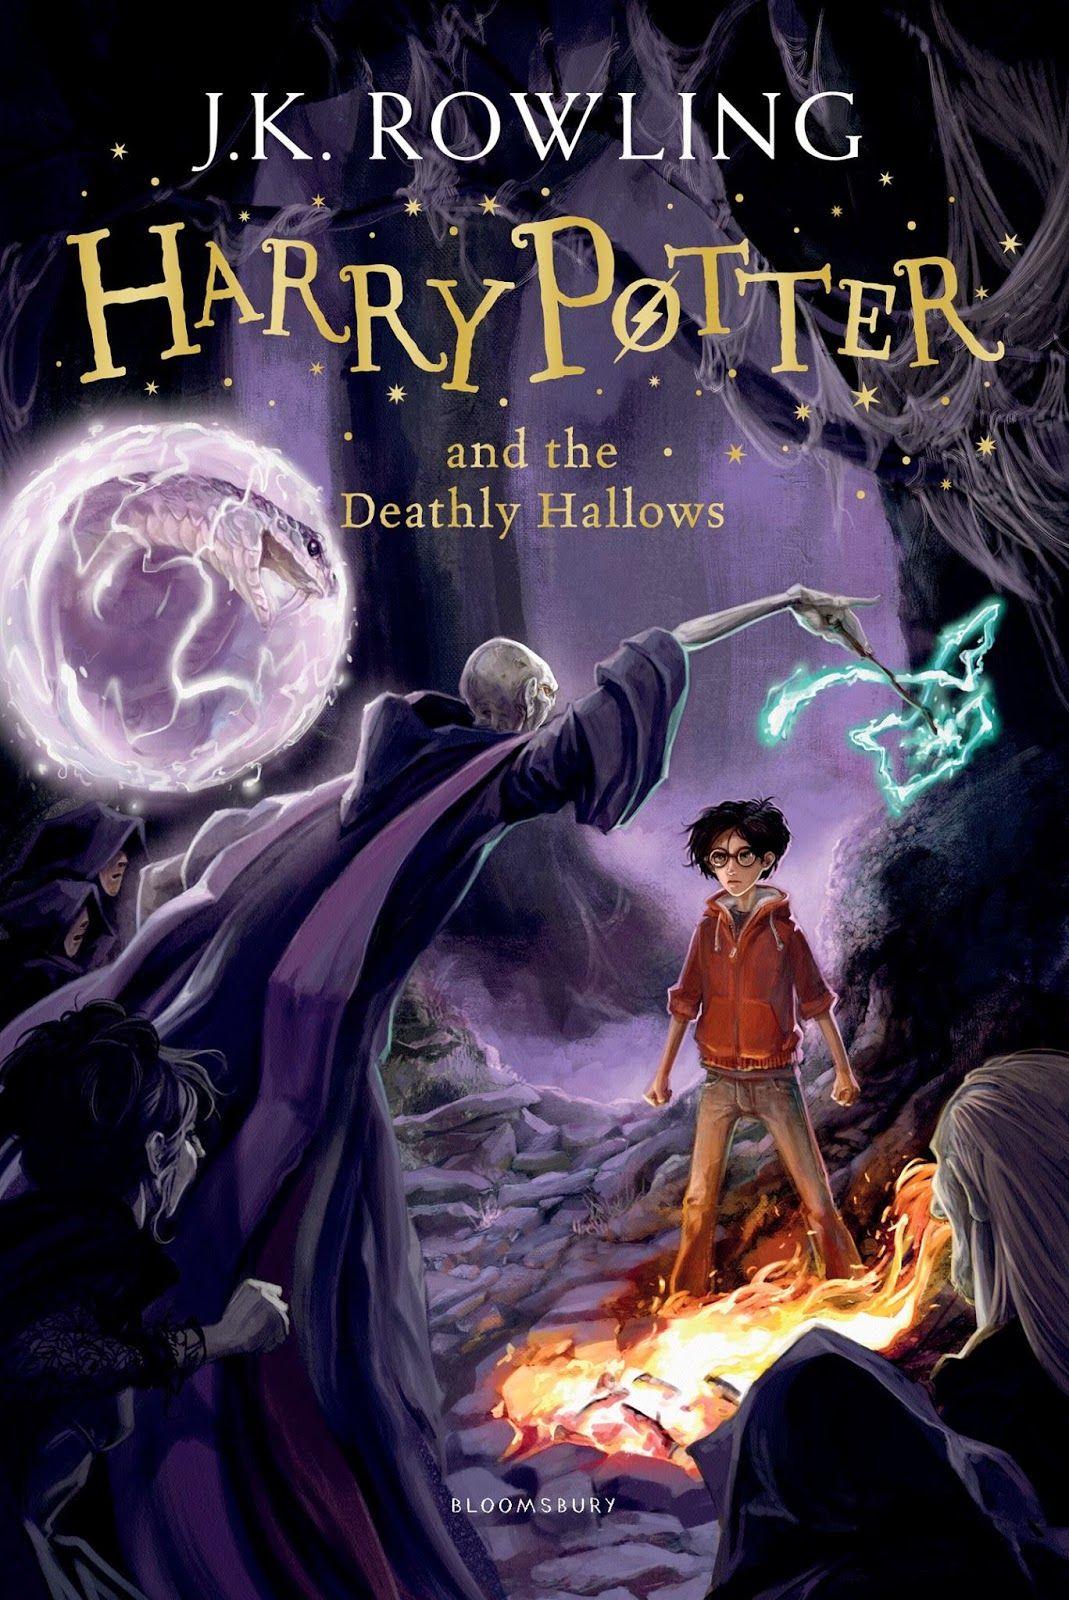 La Editorial Británica Bloomsbury Pondrá A La Venta Un Nuevo Set Con Los 7 Libros Libros De Harry Potter Cubiertas De Libros De Harry Potter Portadas De Libros